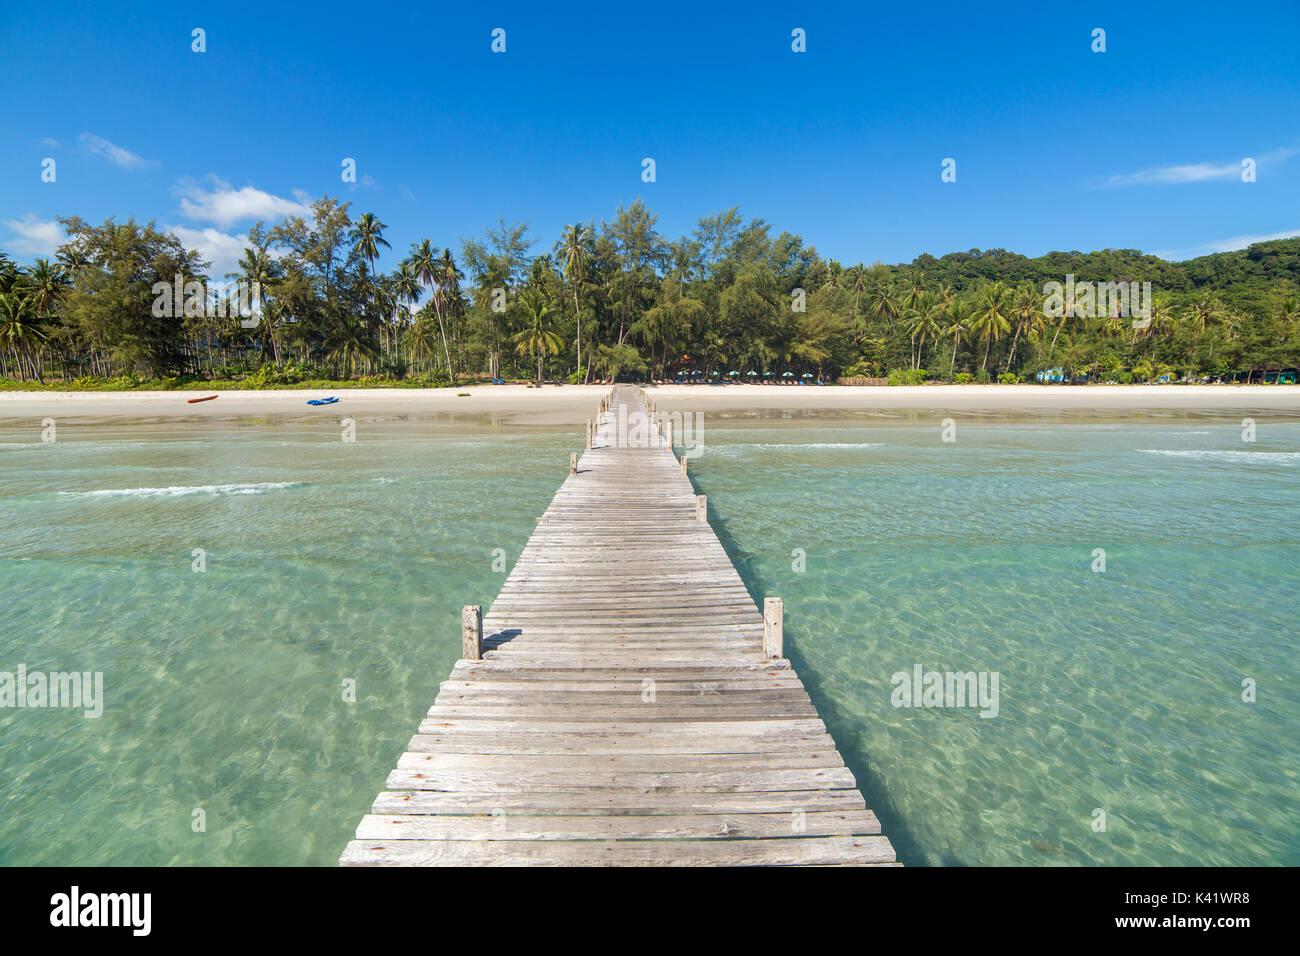 Muelle de madera a una isla tropical Beach en la isla de Koh Kood durante el día, Tailandia. Imagen De Stock